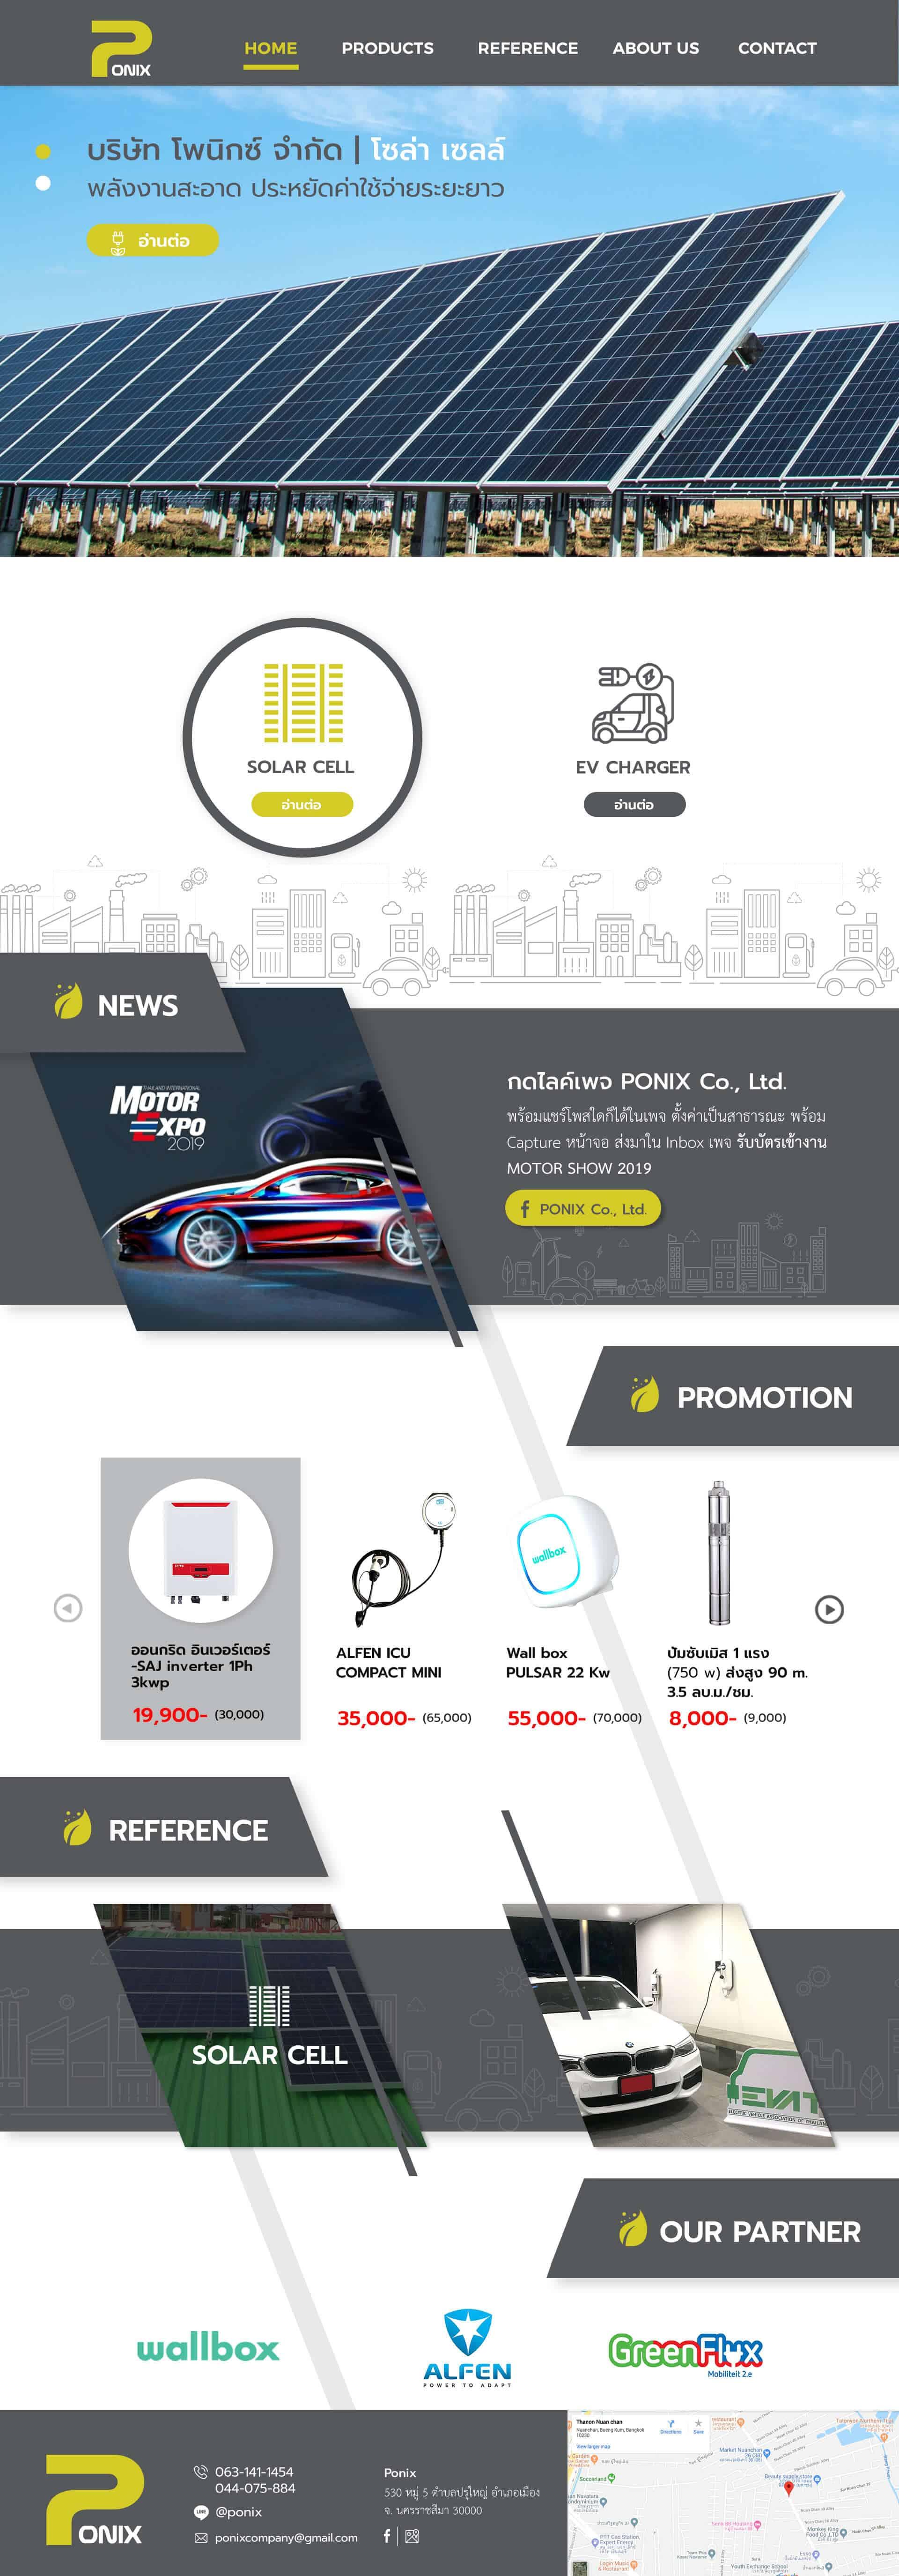 เว็ปไซต์โซล่าเซลล์ | บริการรับทำเว็บไซต์ ออกแบบเว็บไซต์ teeneeweb.com